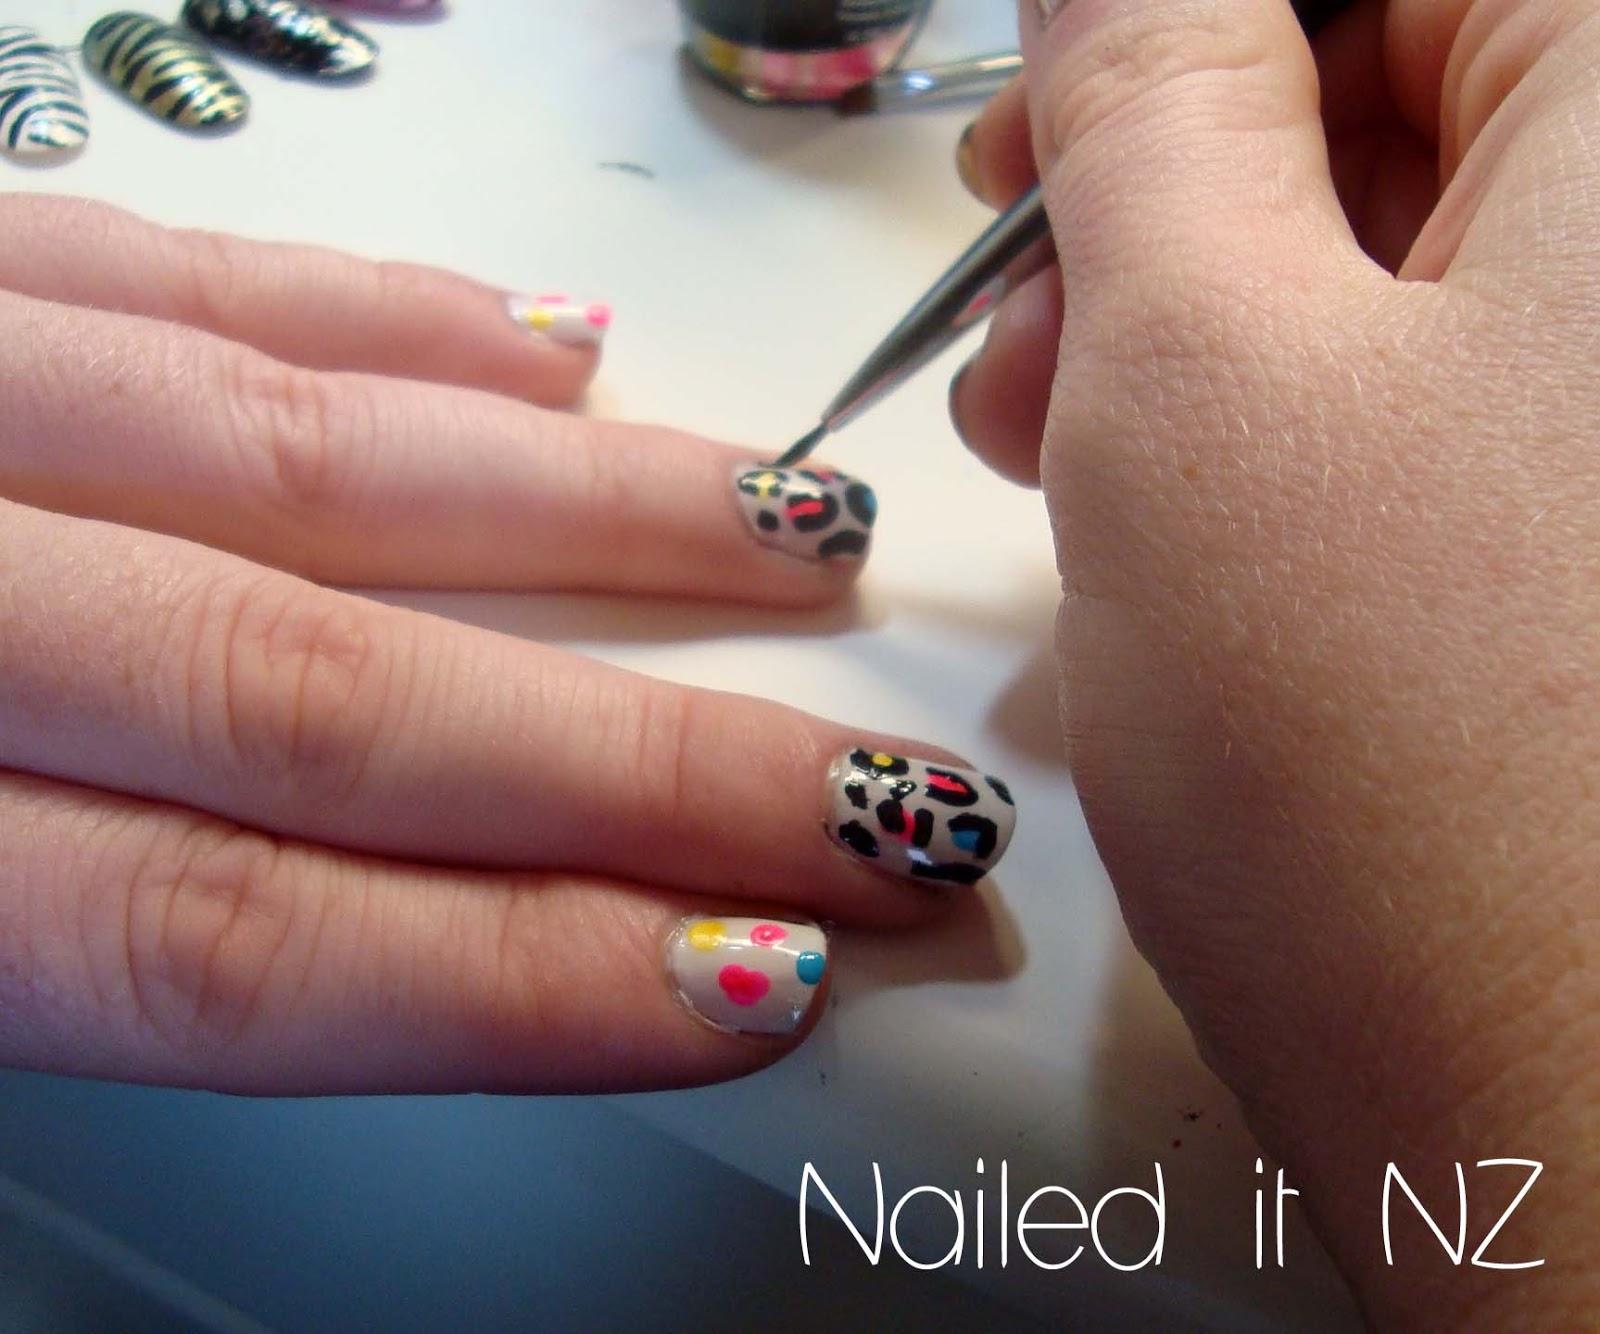 Teaching my friend nail art! Leopard print ☺